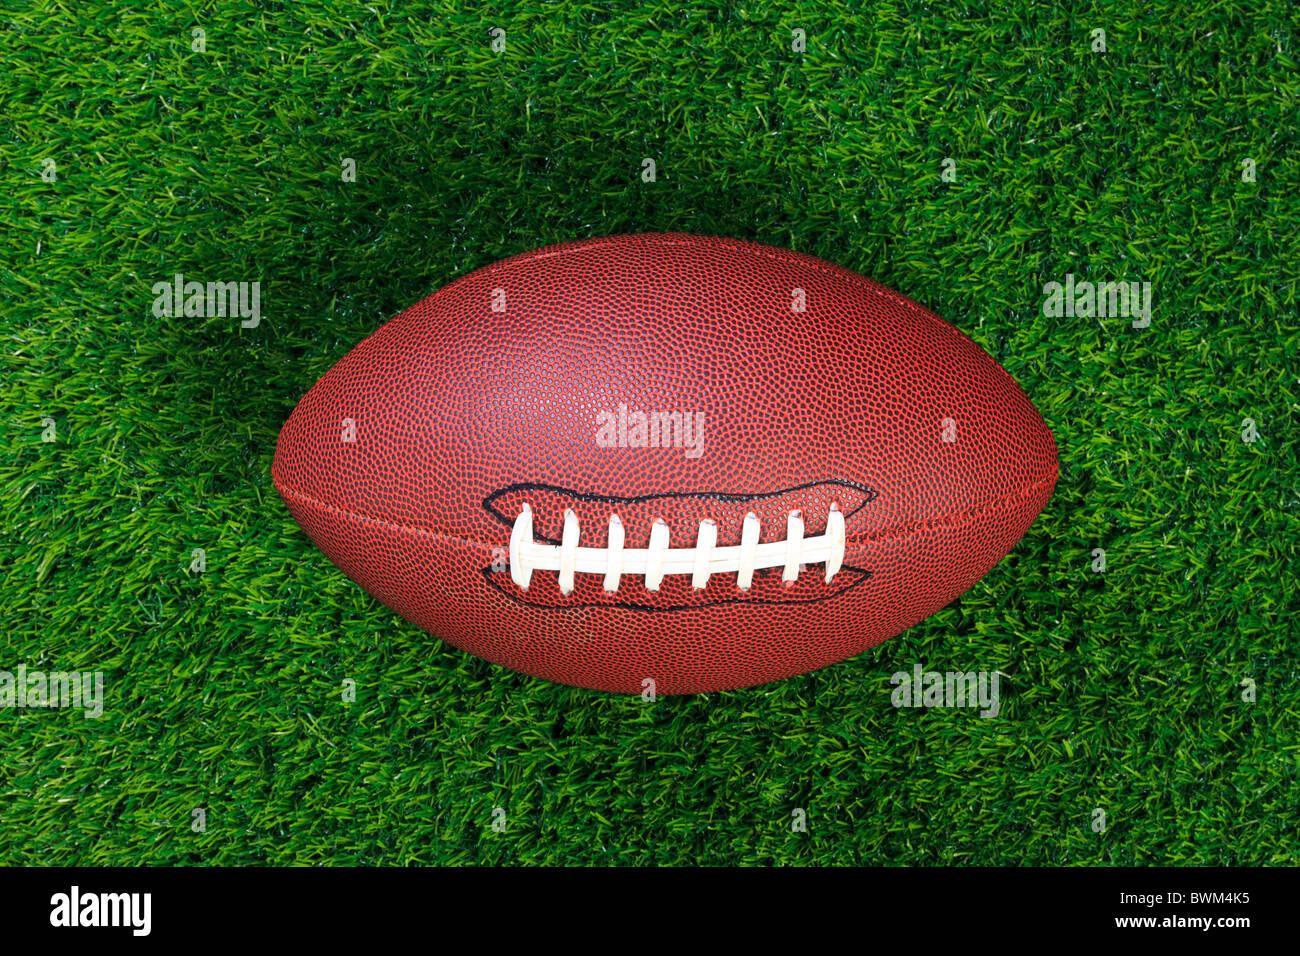 Un americano di calcio in erba Immagini Stock